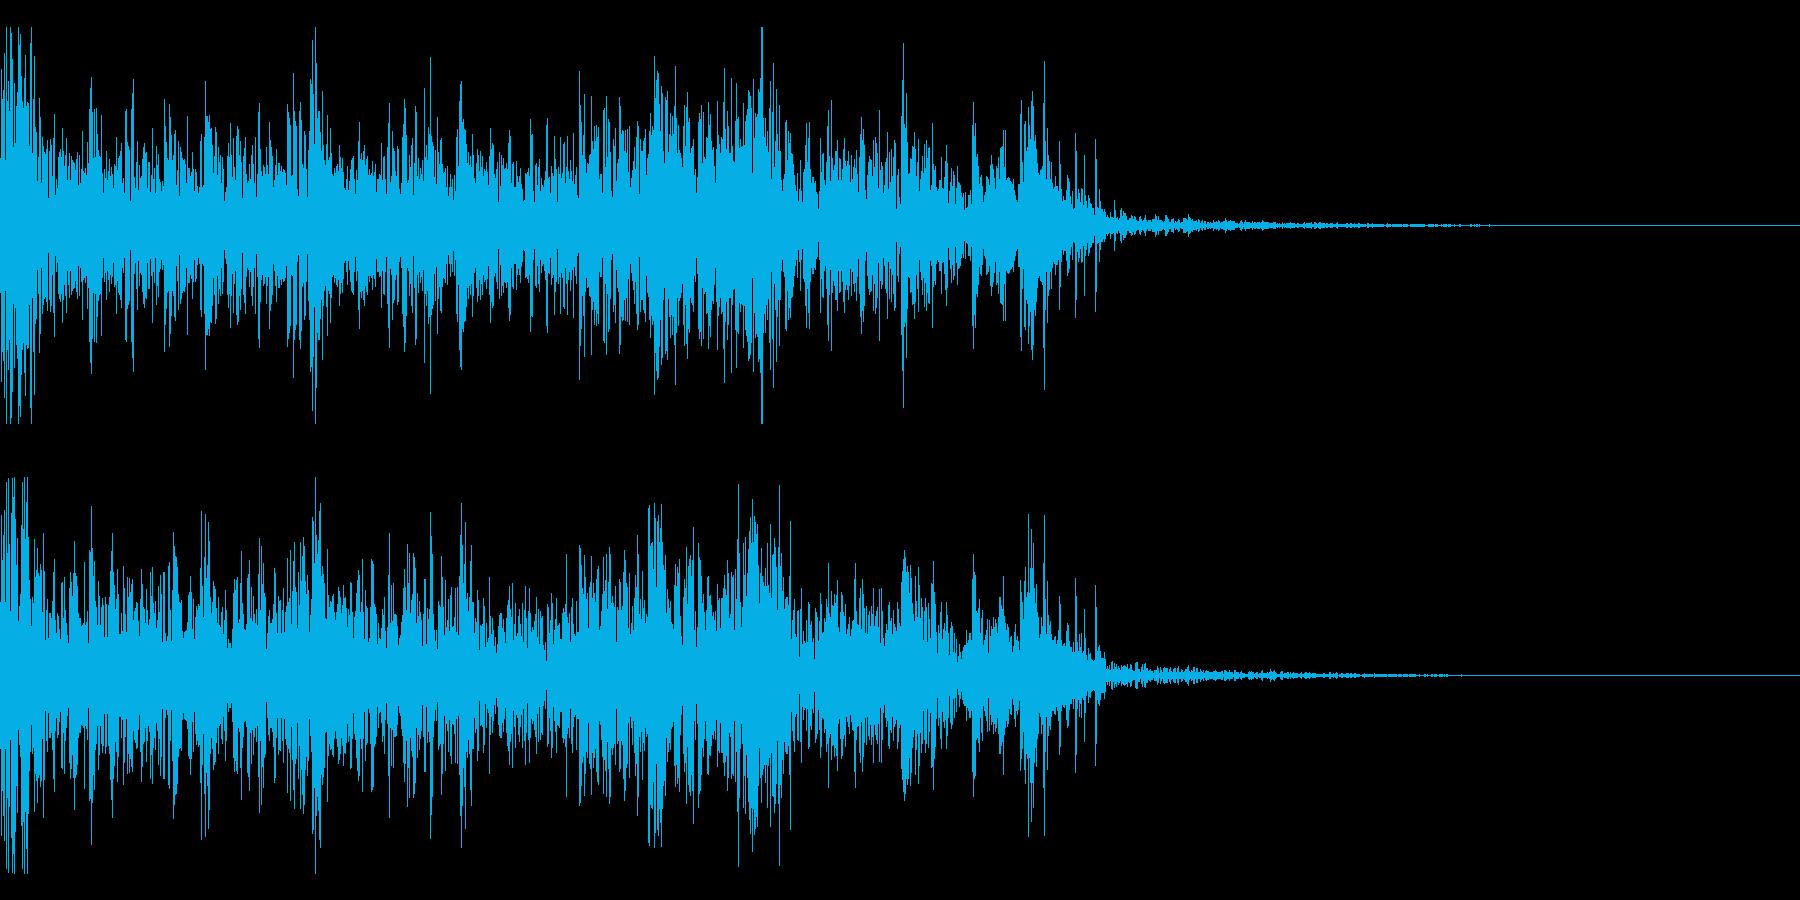 ドーン!パチパチ!連続花火の効果音!04の再生済みの波形